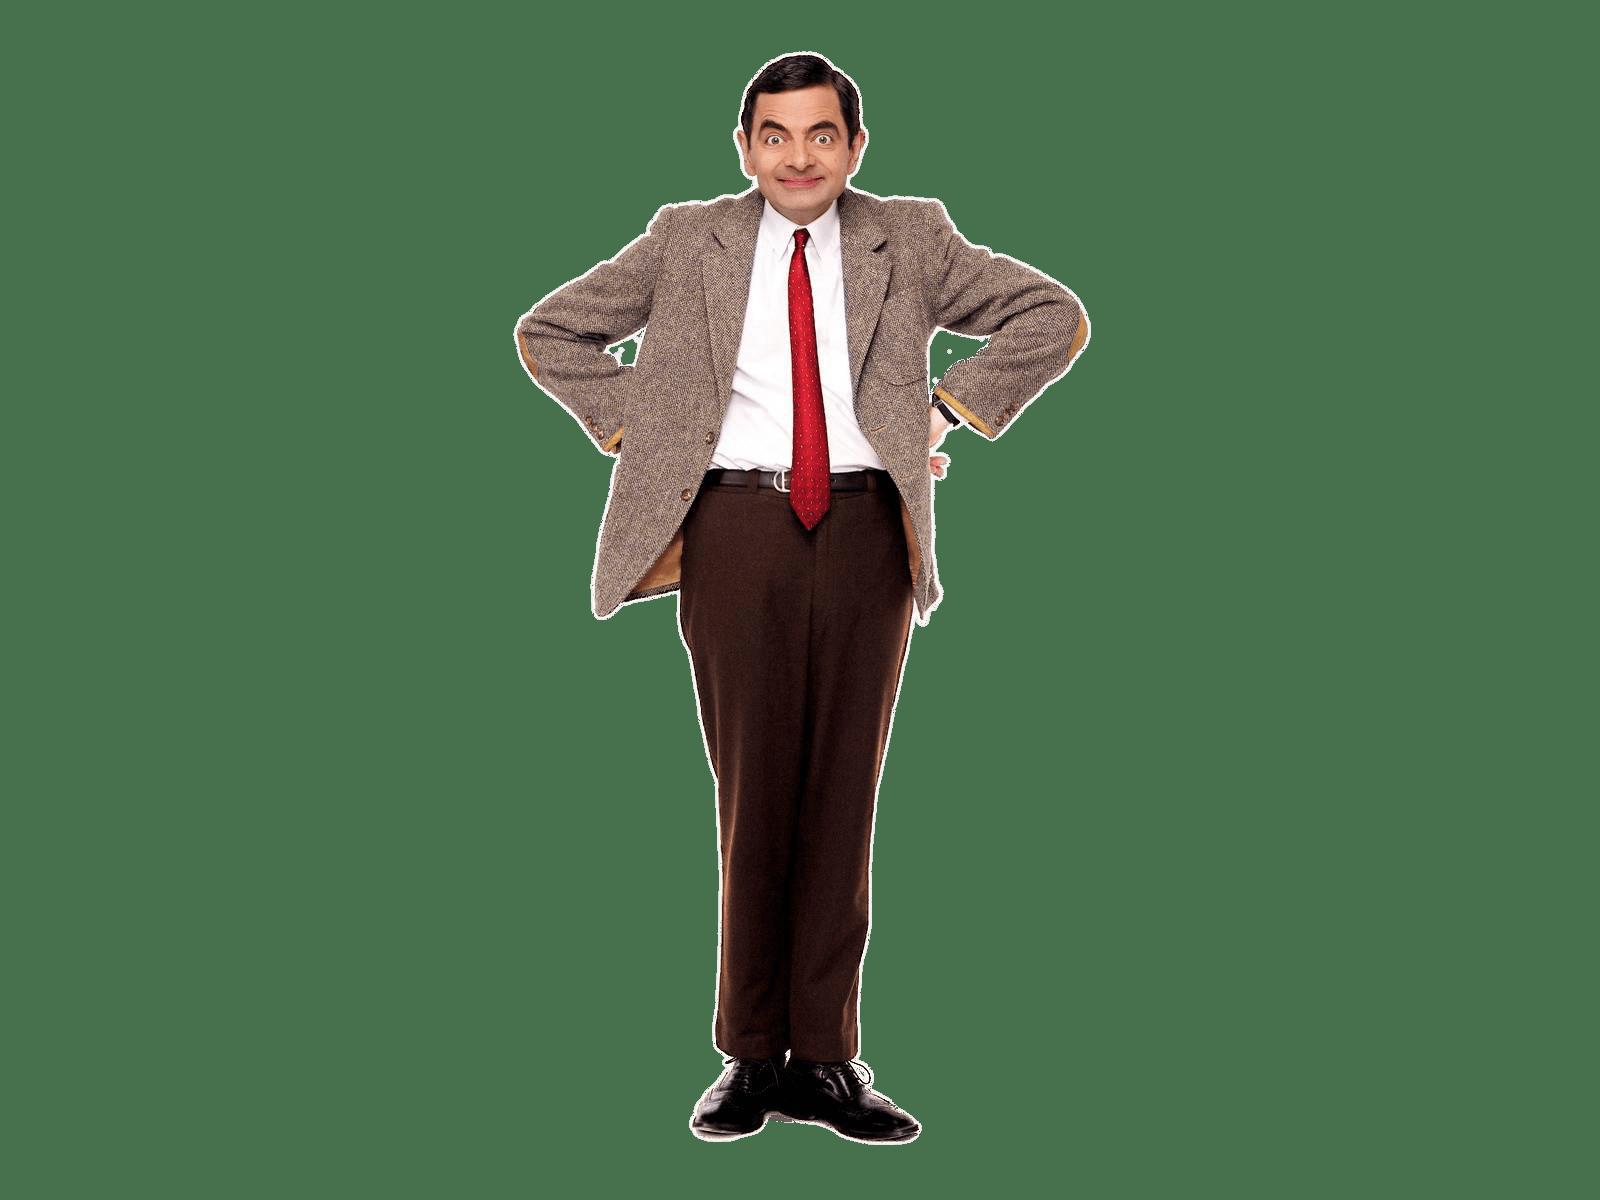 Mr Bean Png Image